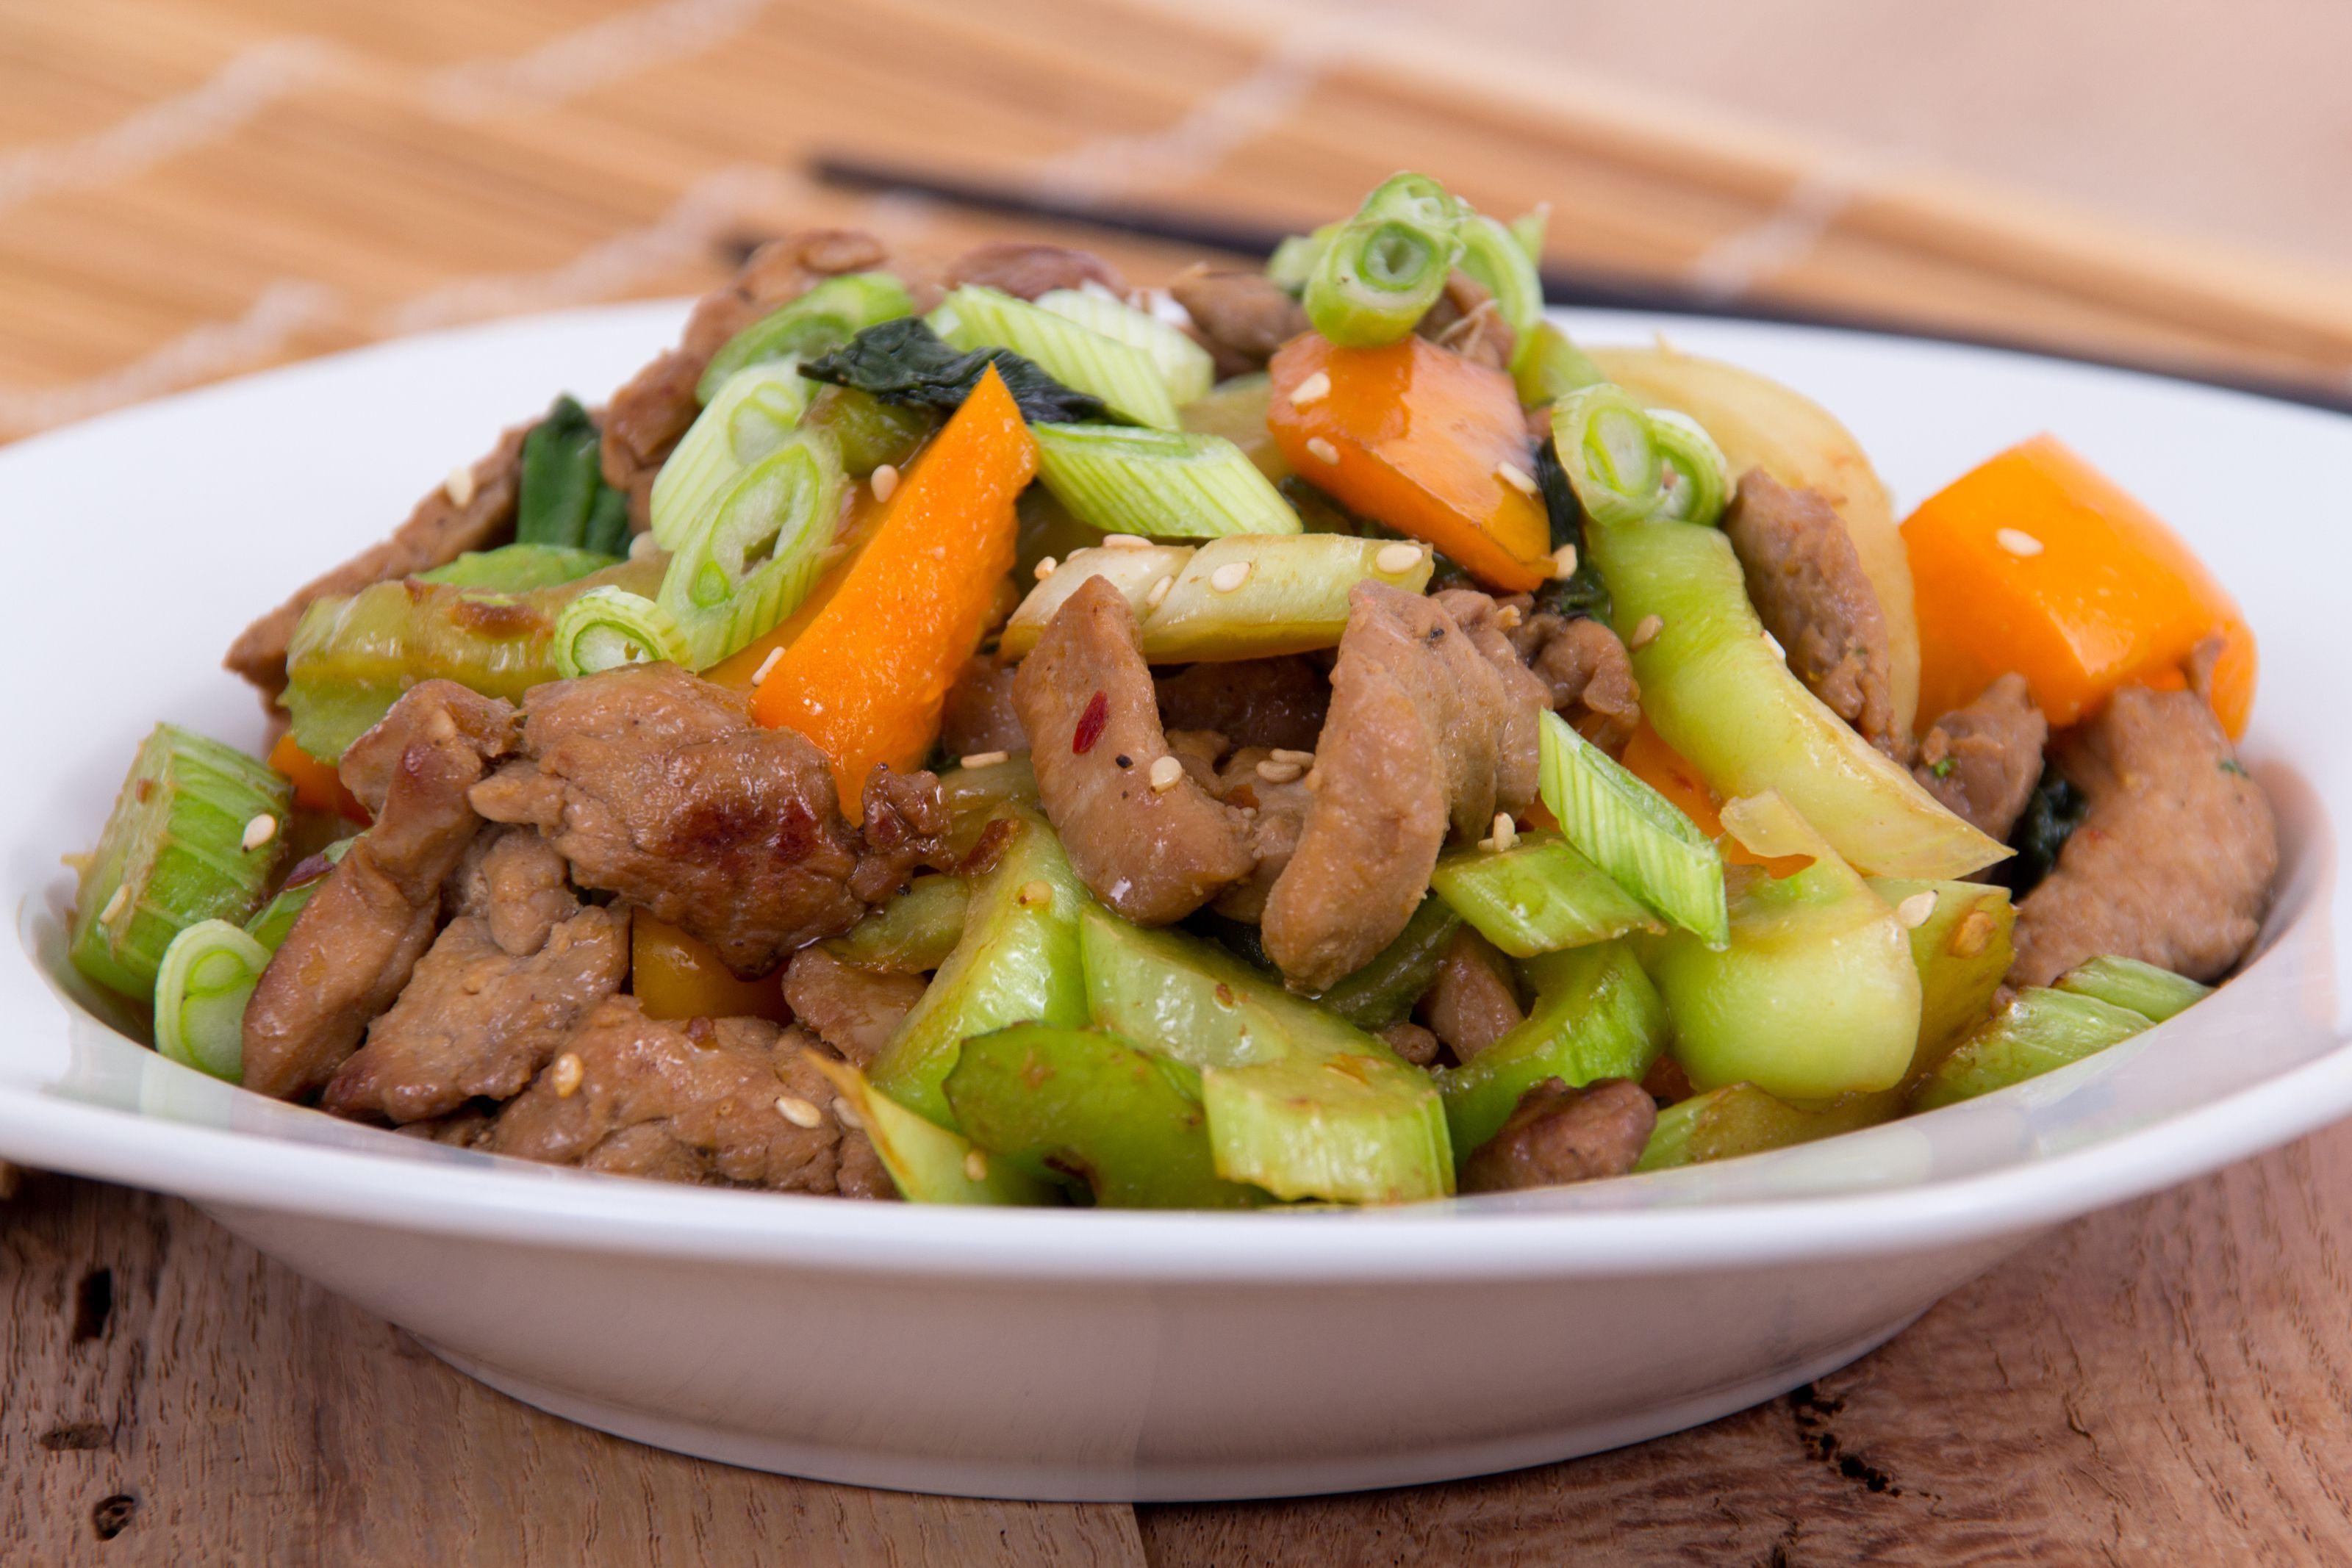 Beef And Celery Stir Fry With Fresh Garlic Recipe Recipe In 2021 Fresh Garlic Recipes Garlic Recipes Pork Chop Suey